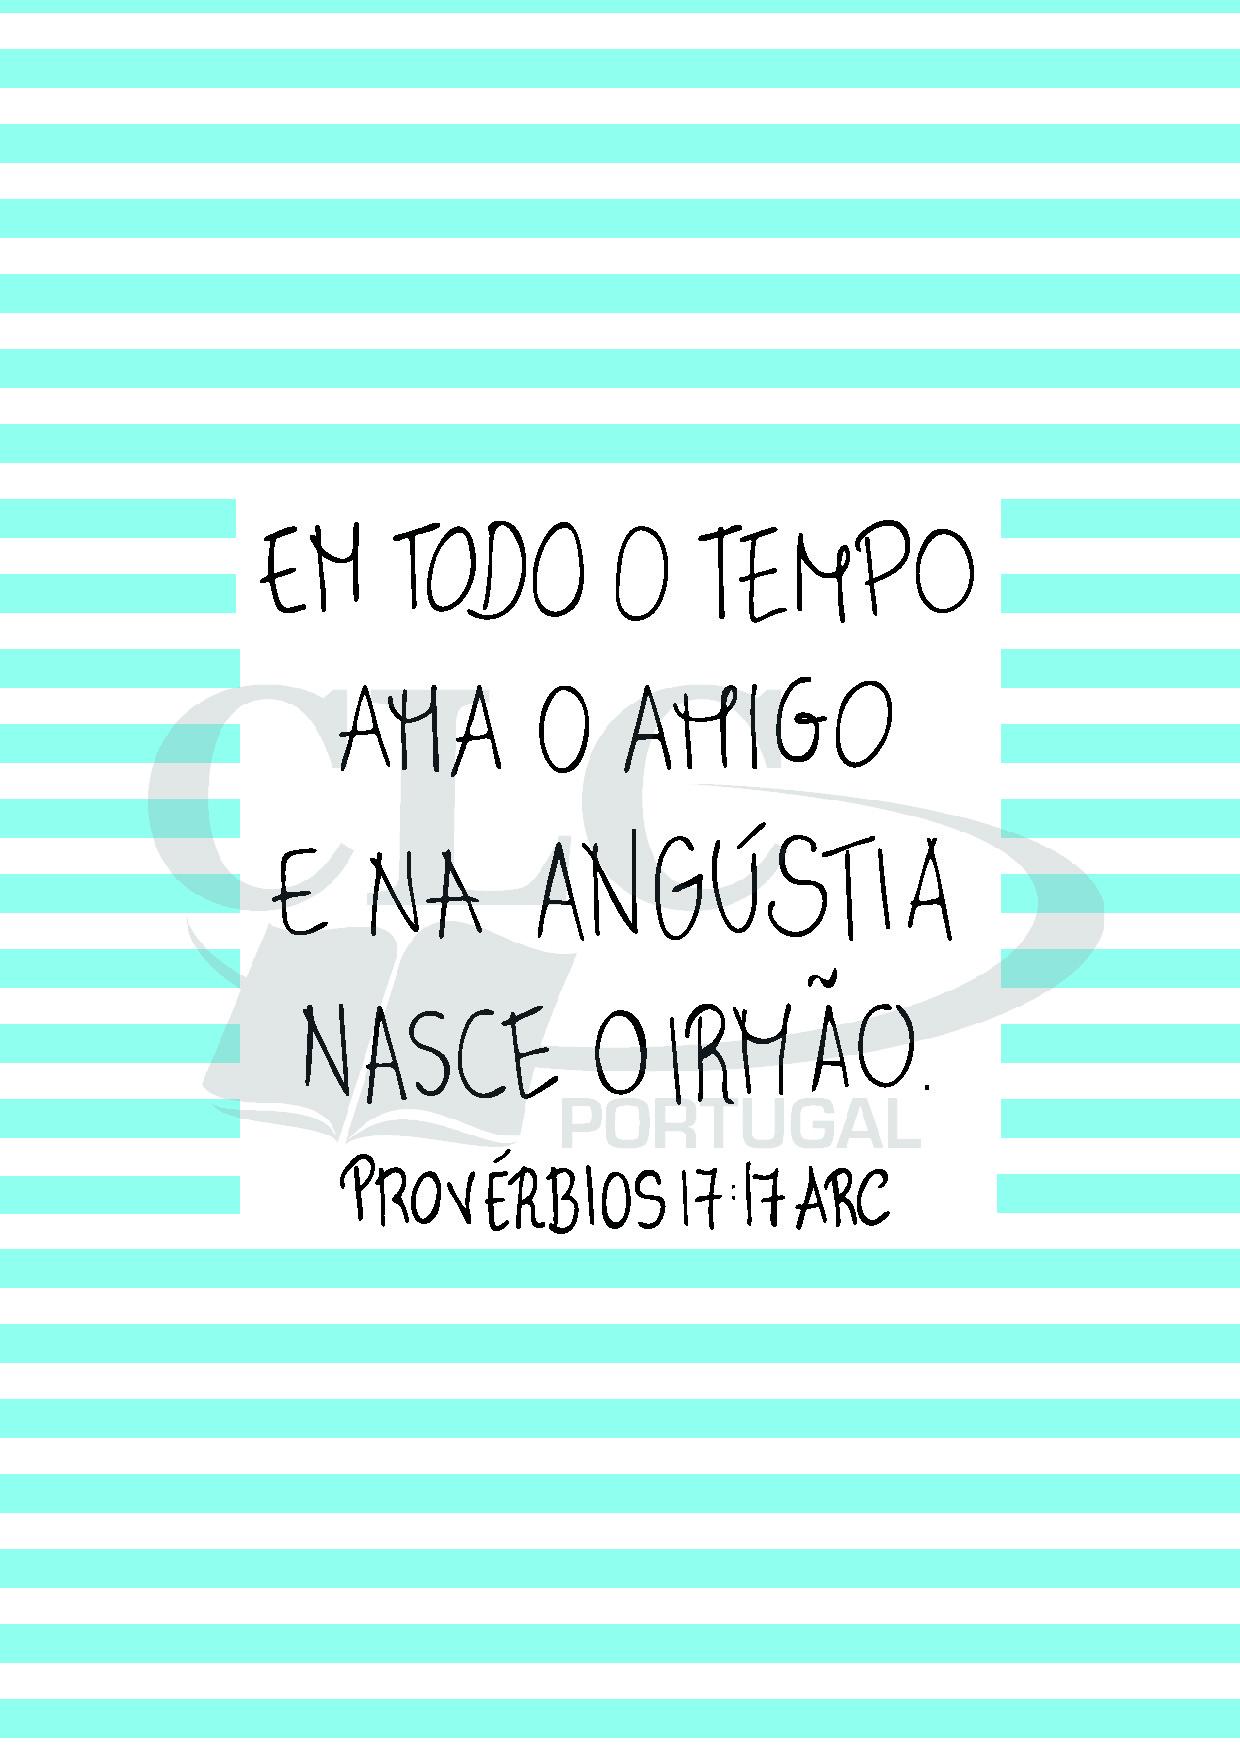 Postal Provérbios 17:17